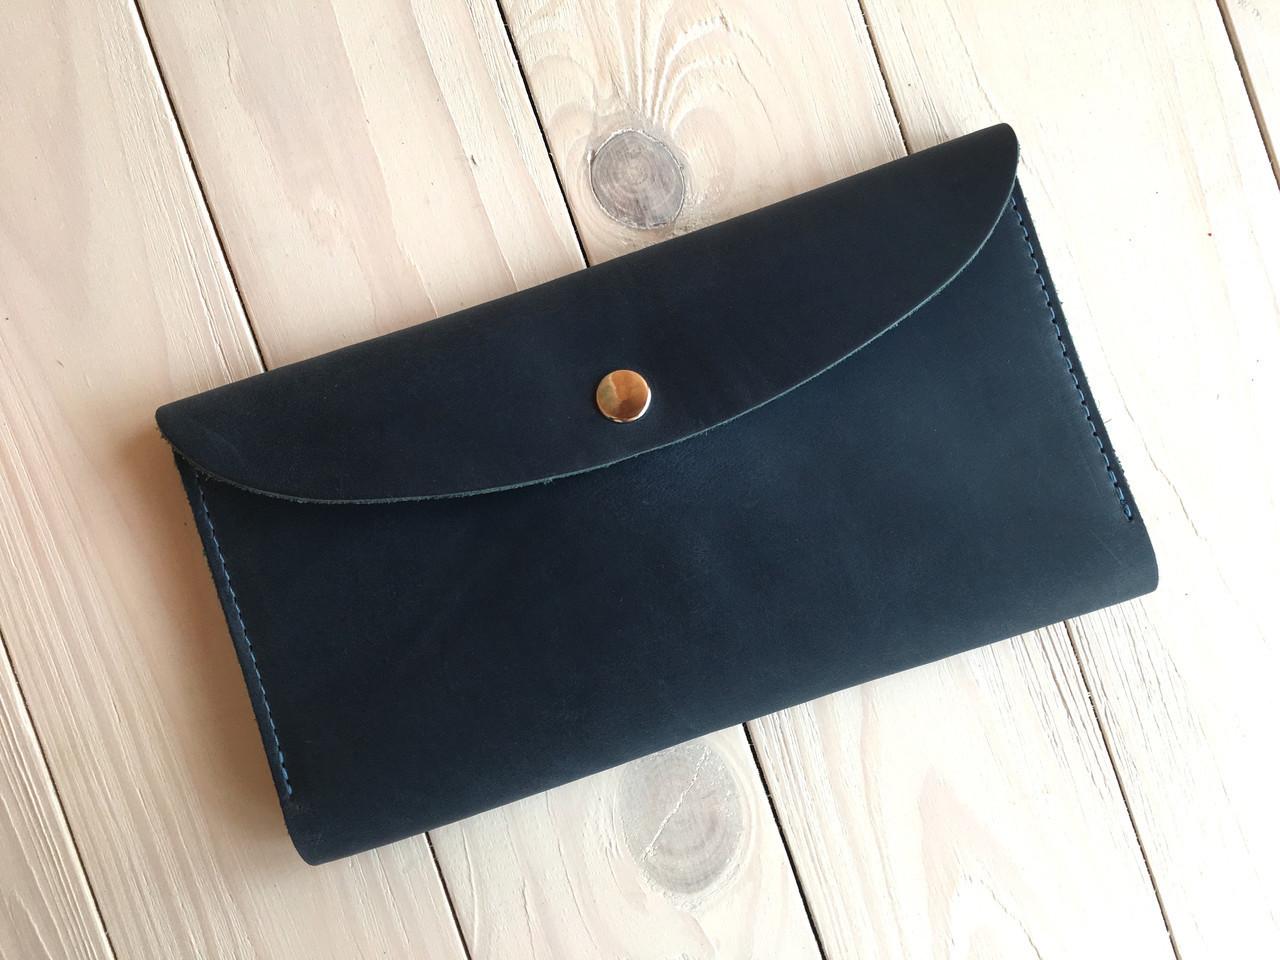 Кожаный женский кошелек ручной работы Goose™ G0015 голубой (портмоне, тревел-кейс)